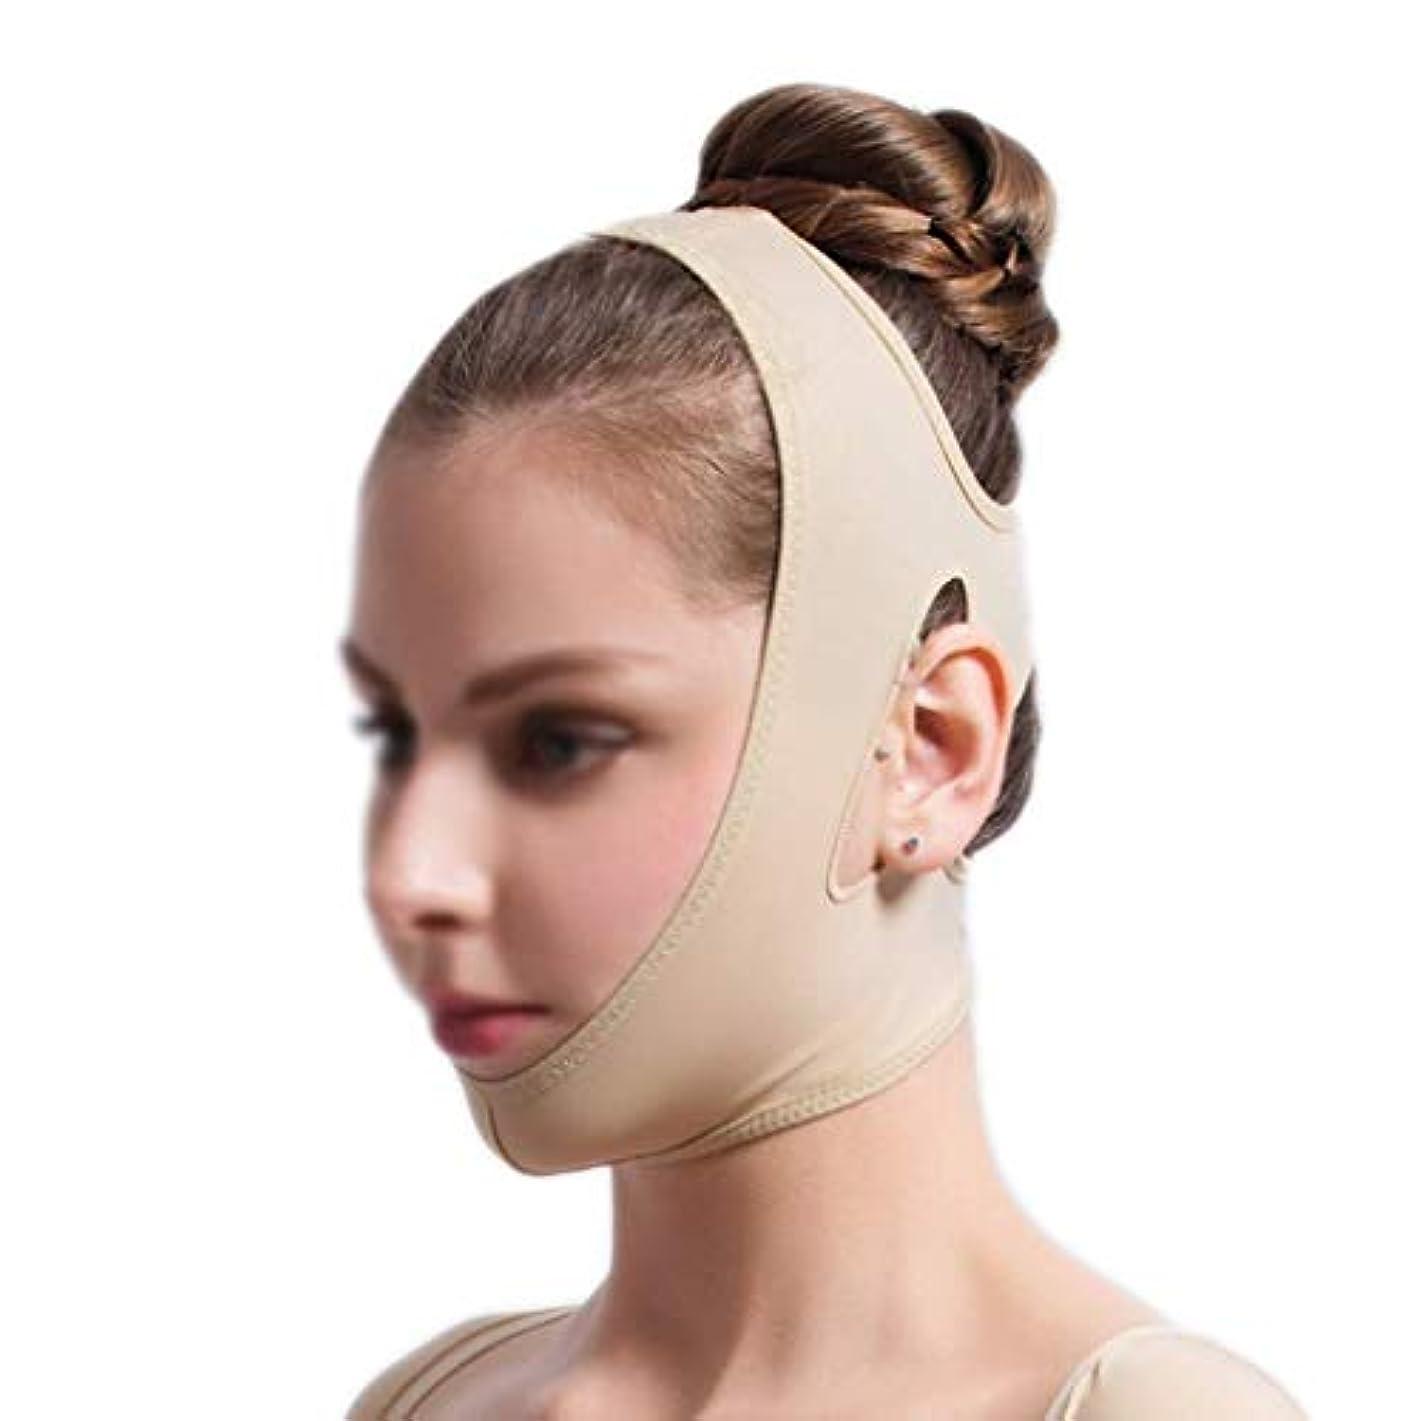 パーク失礼な大事にするフェイスリフティングバンデージ、フェイシャル減量マスク、フェイシャルリフティングスリミングベルト、痩身チークマスク(サイズ:S),S